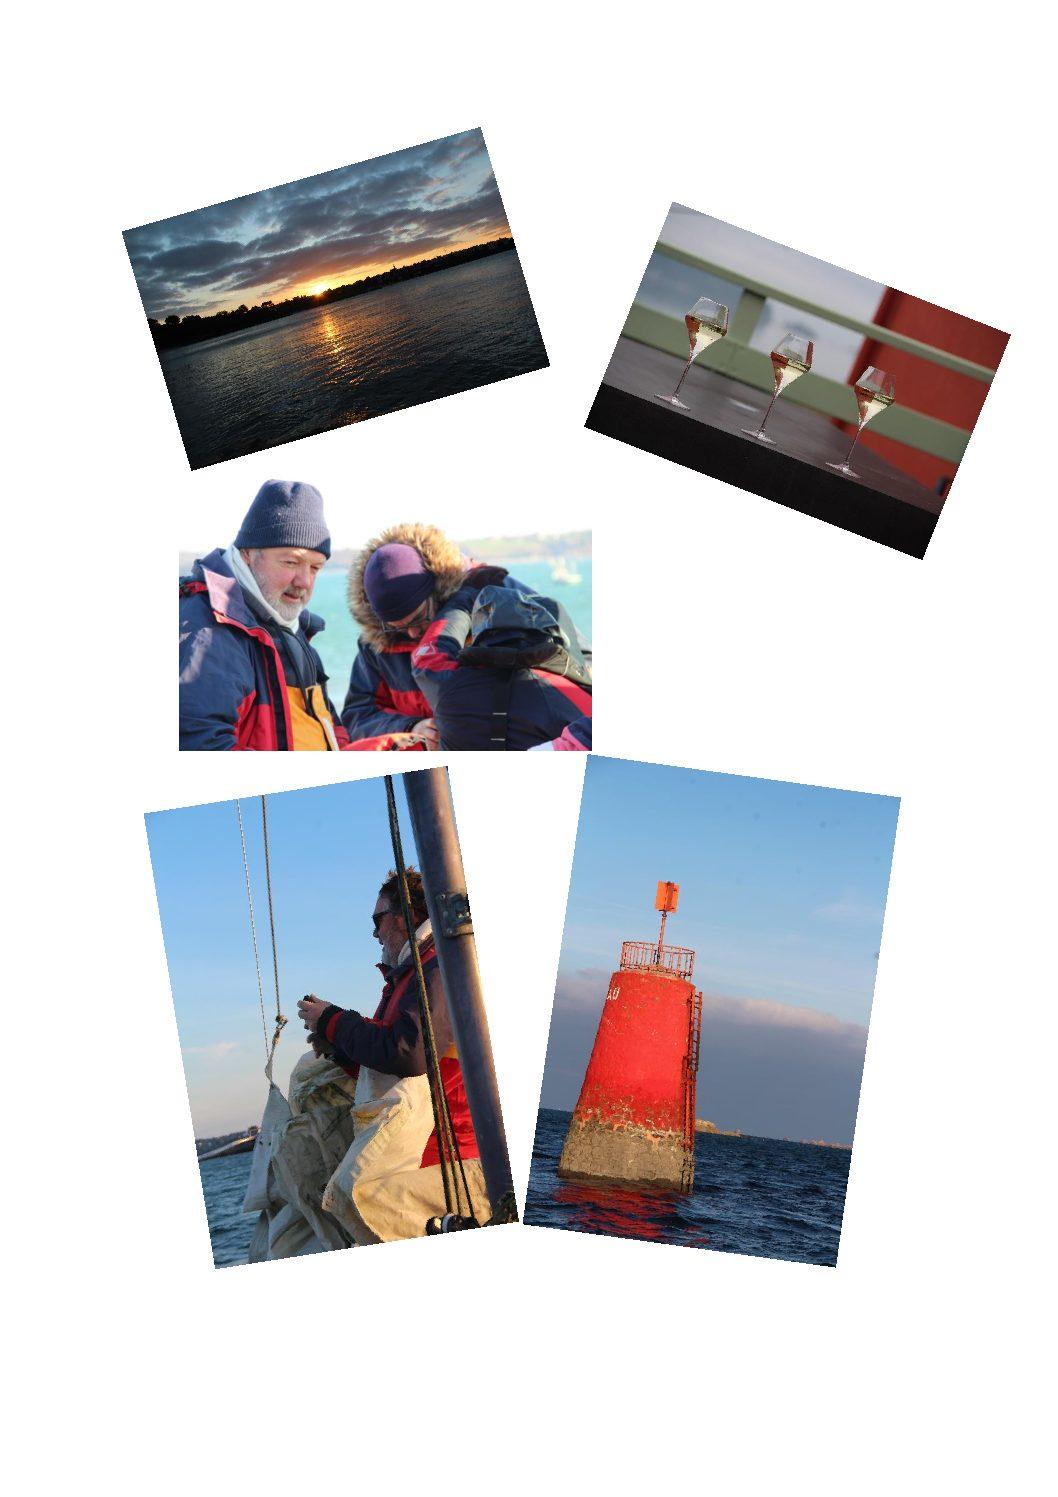 Première sortie en mer en baie de Morlaix sous le soleil du 4 janvier 2019